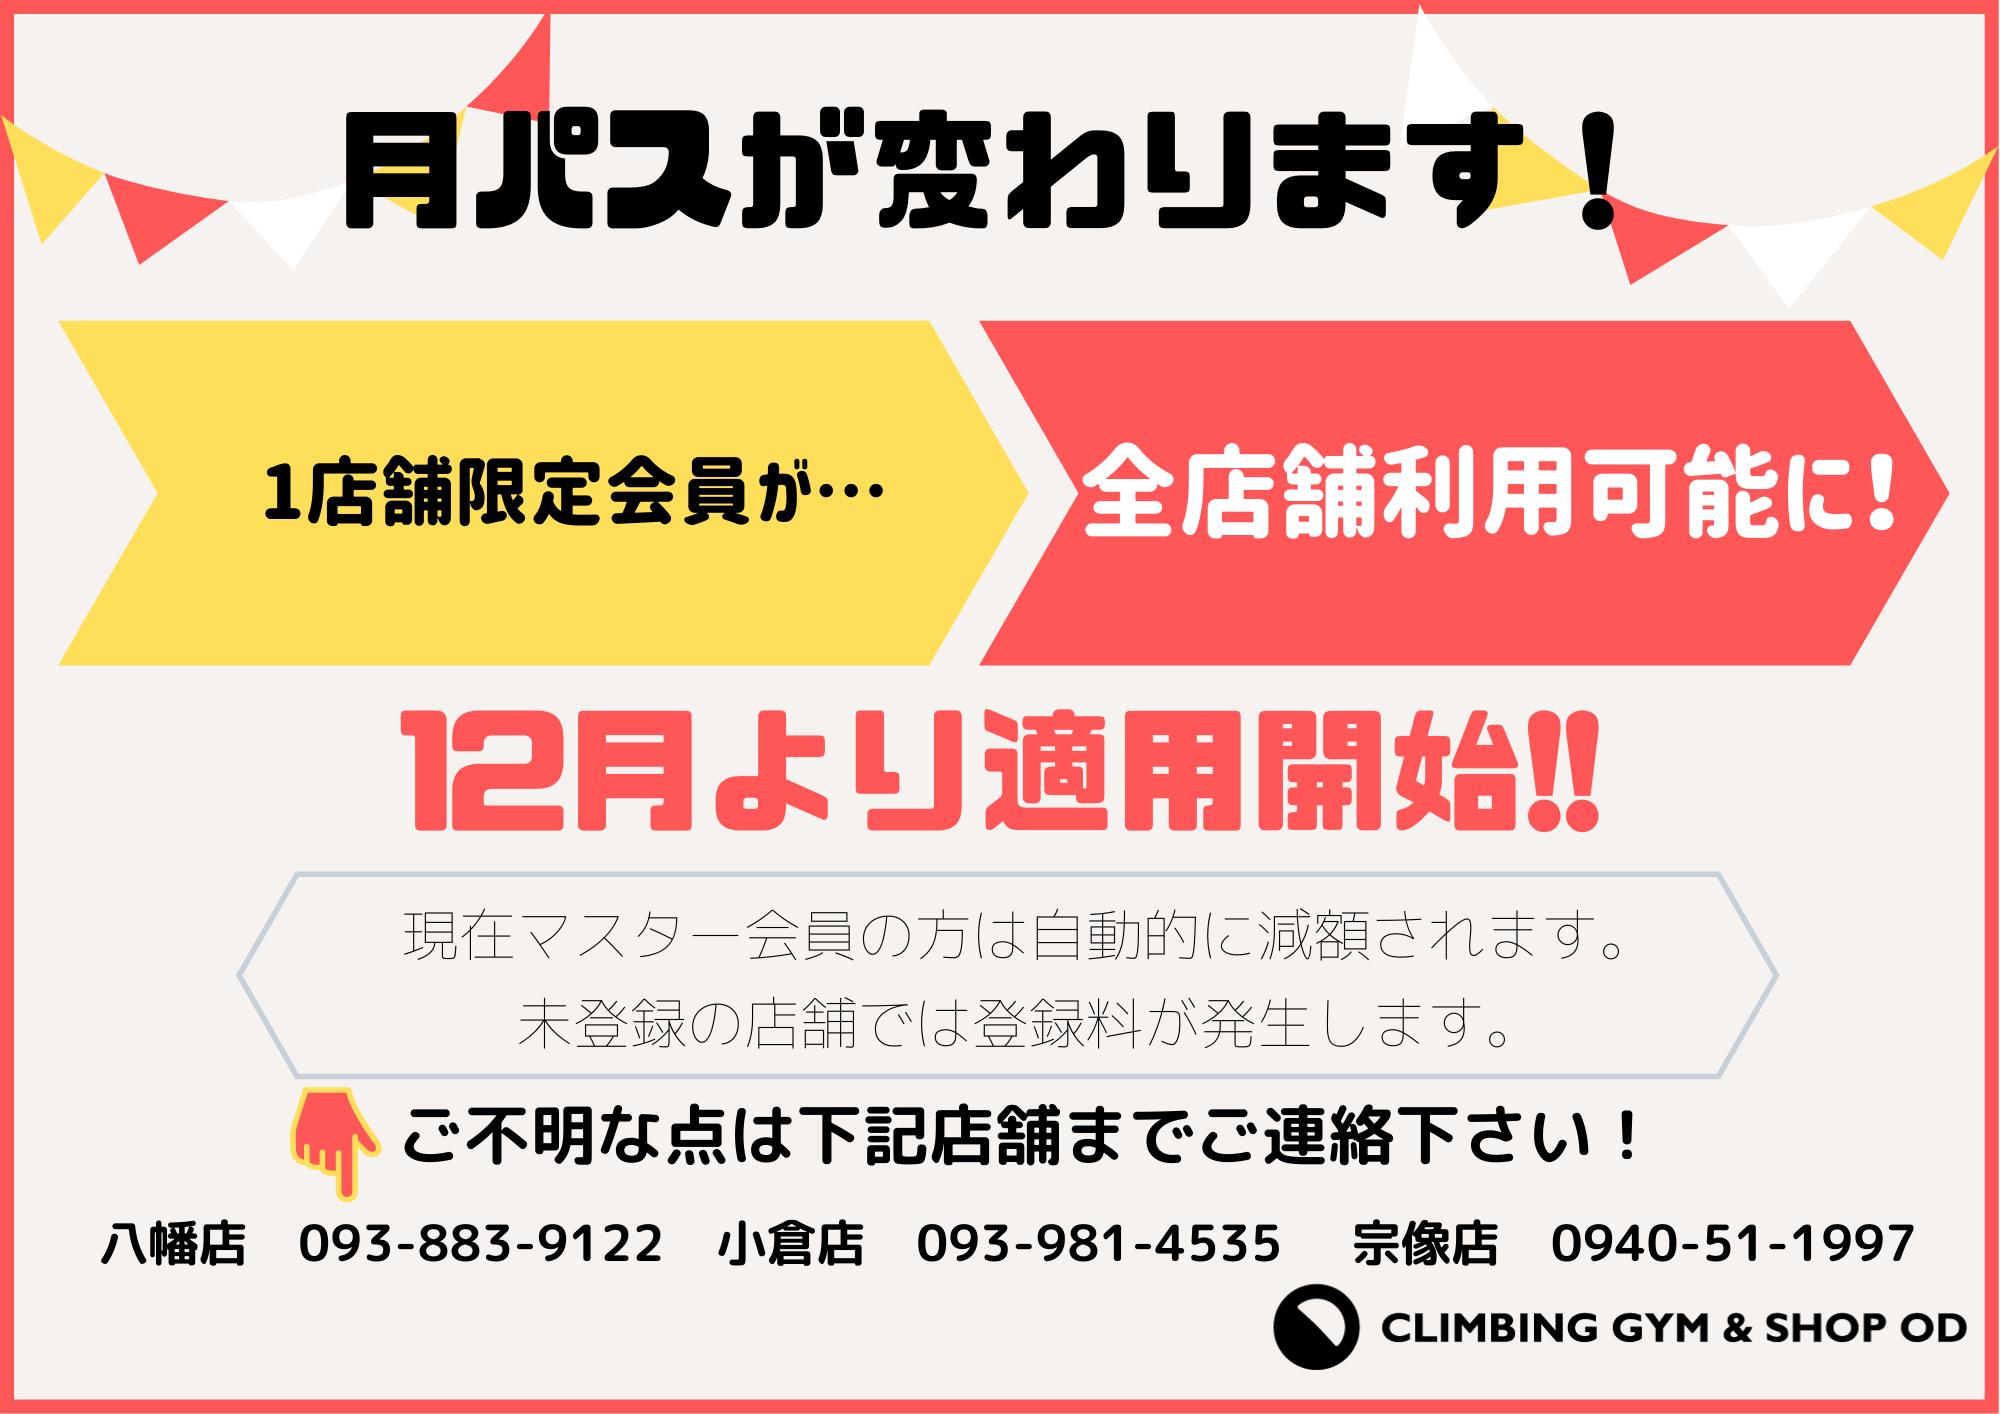 キャンペーン特集!_a0330060_16041915.png